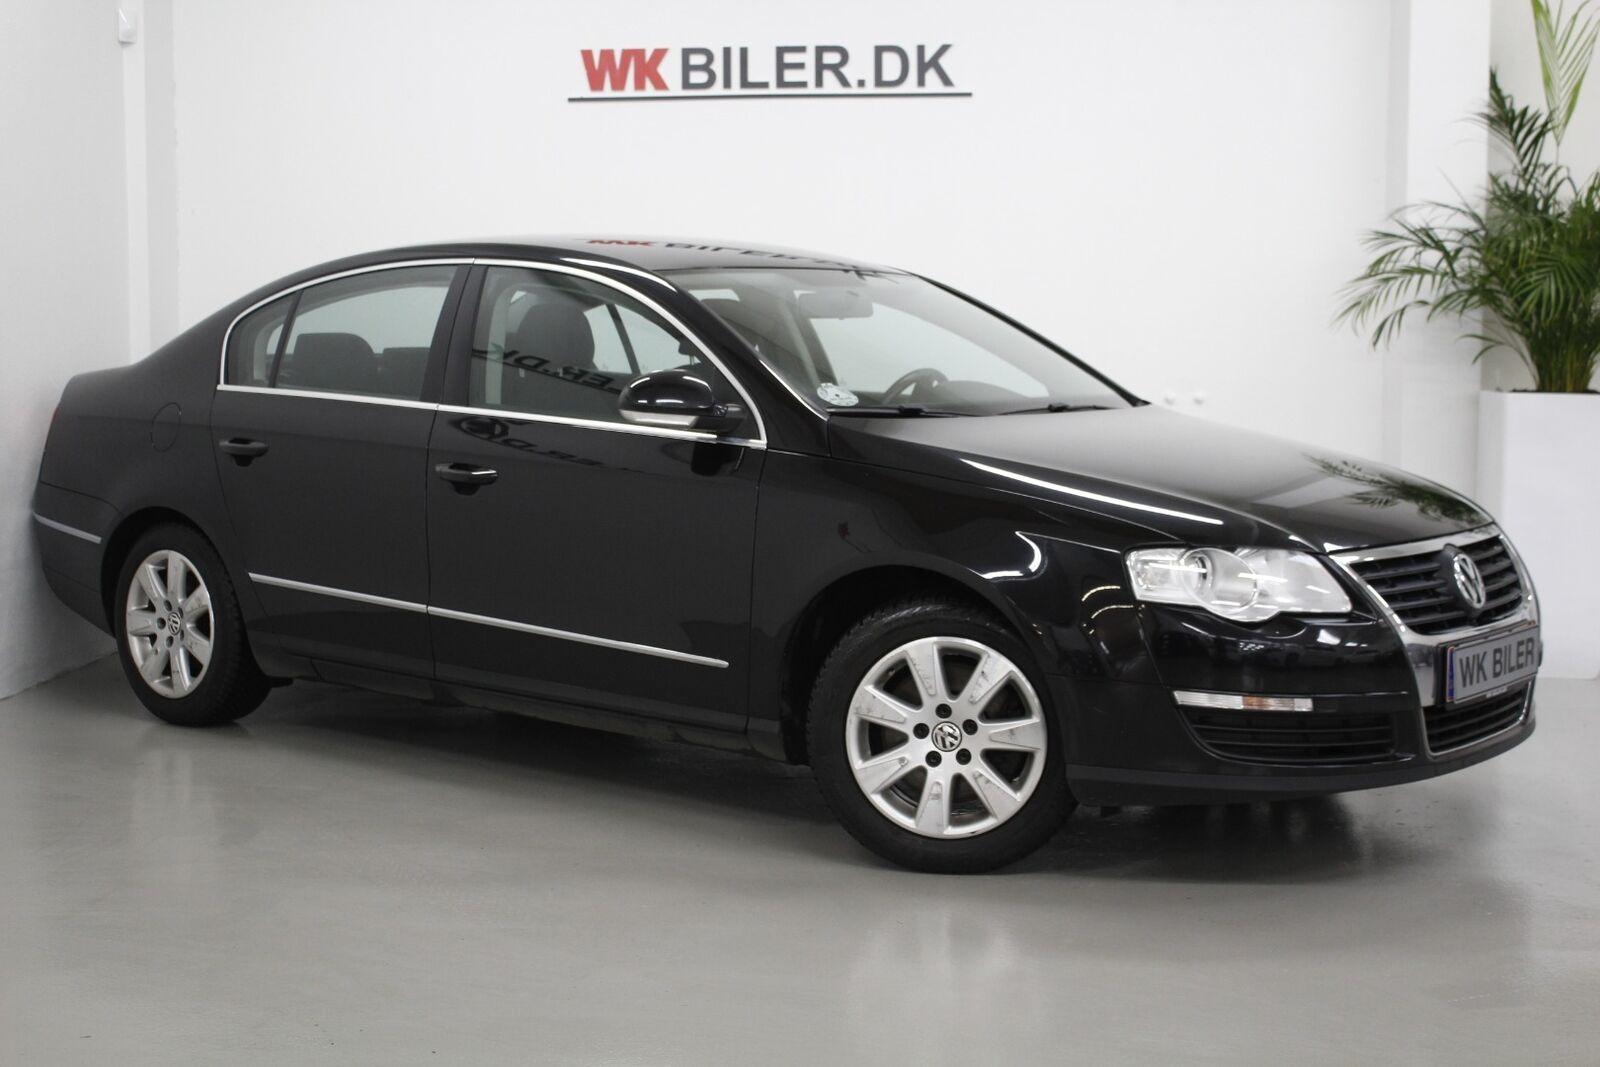 VW Passat 1,8 TSi 160 Sportline 4d - 59.800 kr.